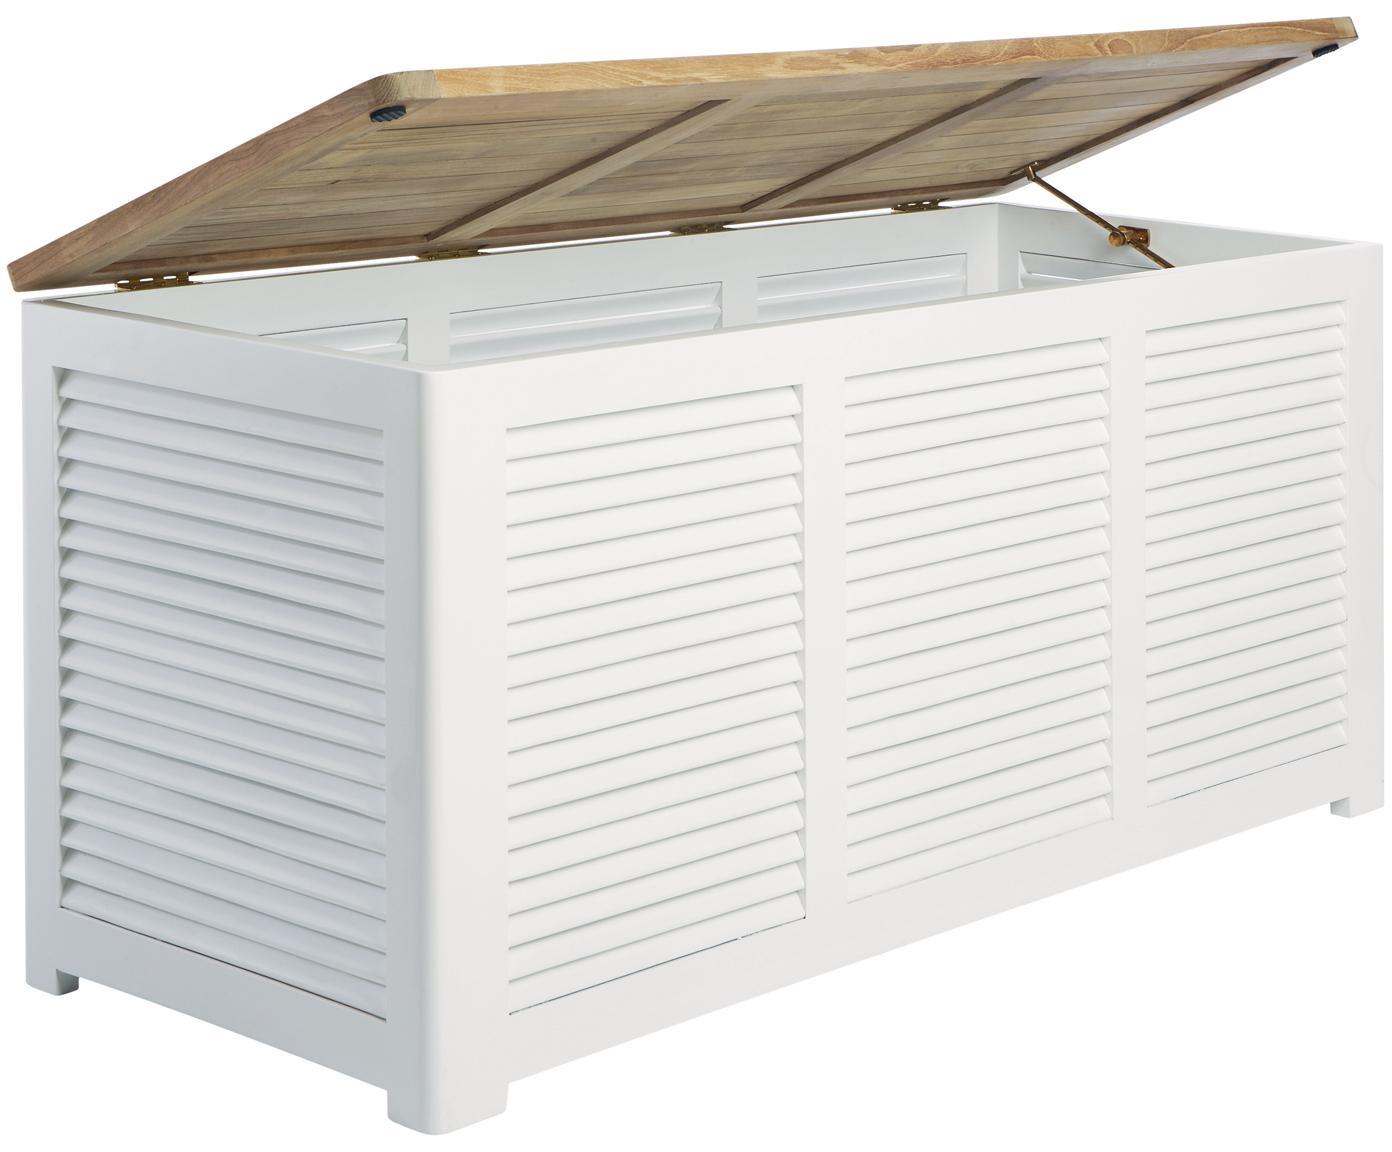 Skrzynia do przechowywania z drewna Storage, Drewno tekowe, biały, S 130 x W 60 cm